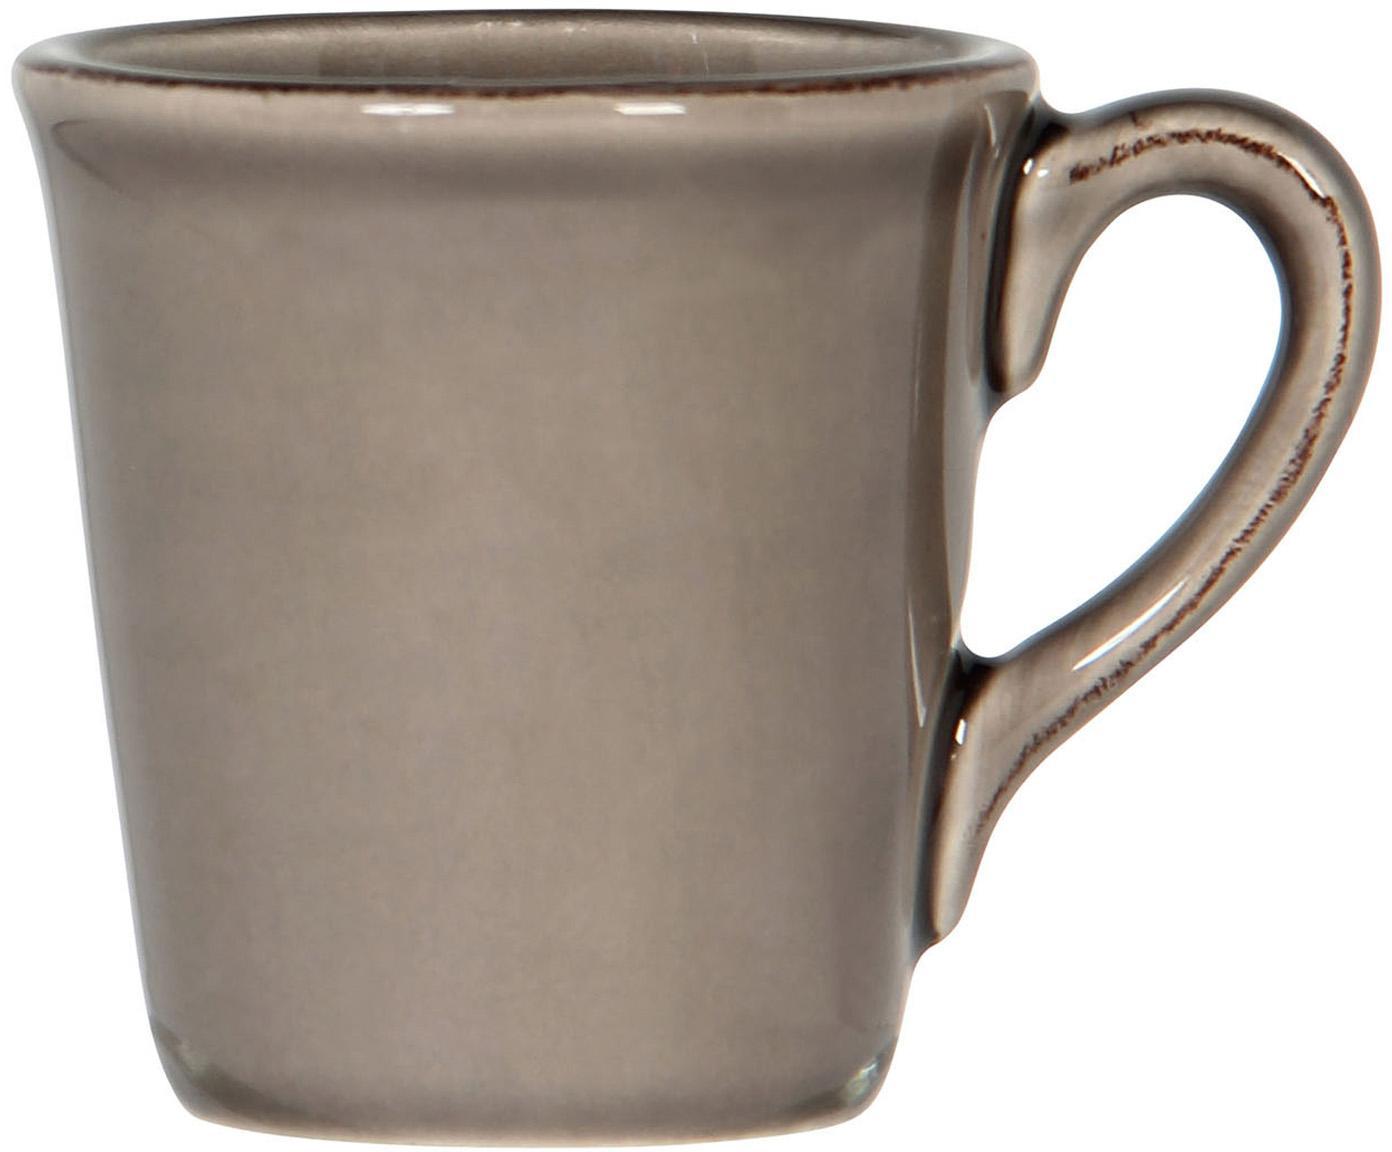 Espressokopjes Constance in bruin, 2 stuks, Keramiek, Bruin, Ø 8 x H 6 cm